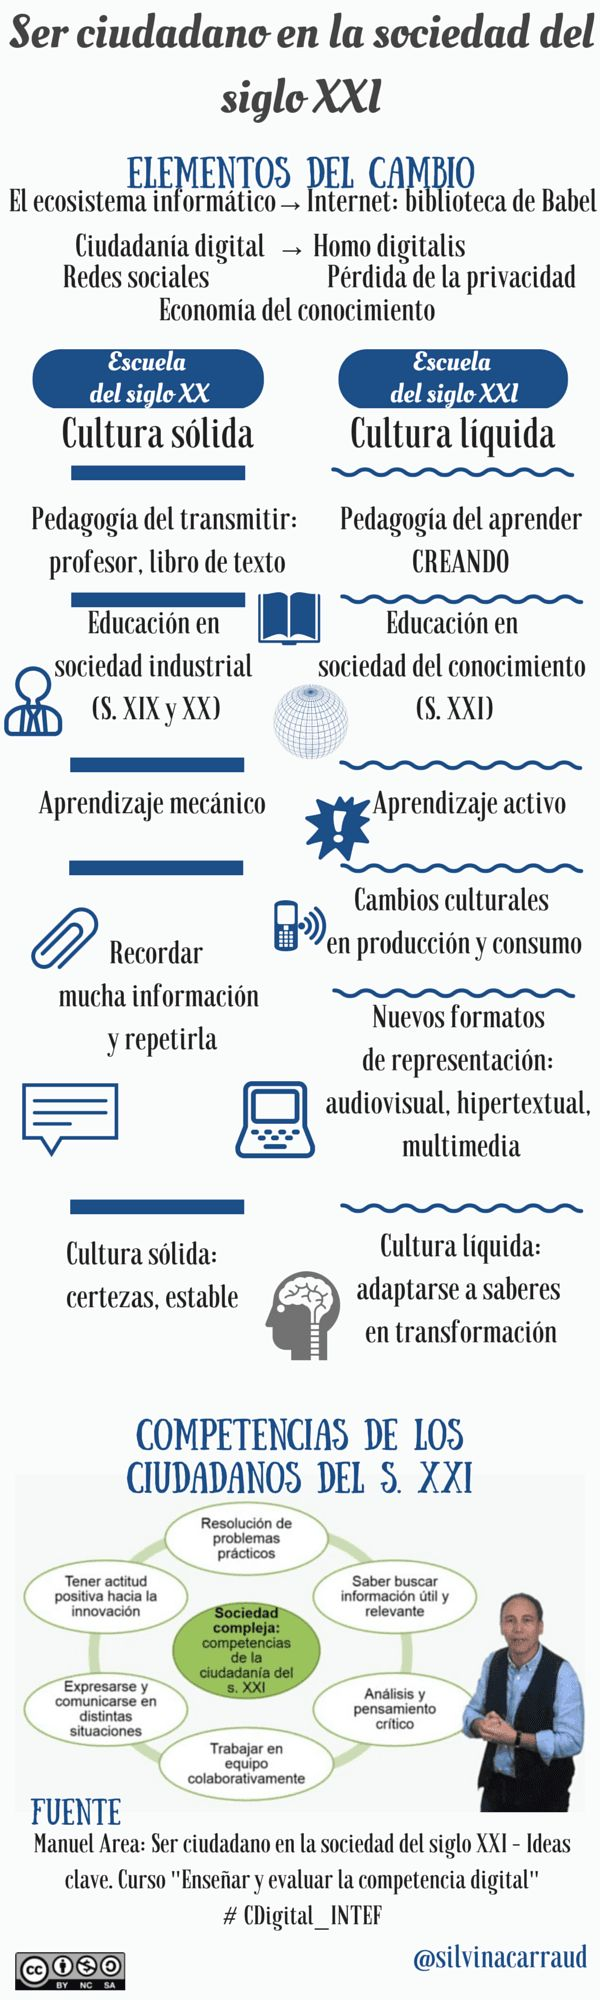 Fuente│ Manuel Area: Ser ciudadano en la sociedad del siglo XXI – Ideas clave (video). Curso: Enseñar y evaluar la competencia digital #CDigital_INTEF